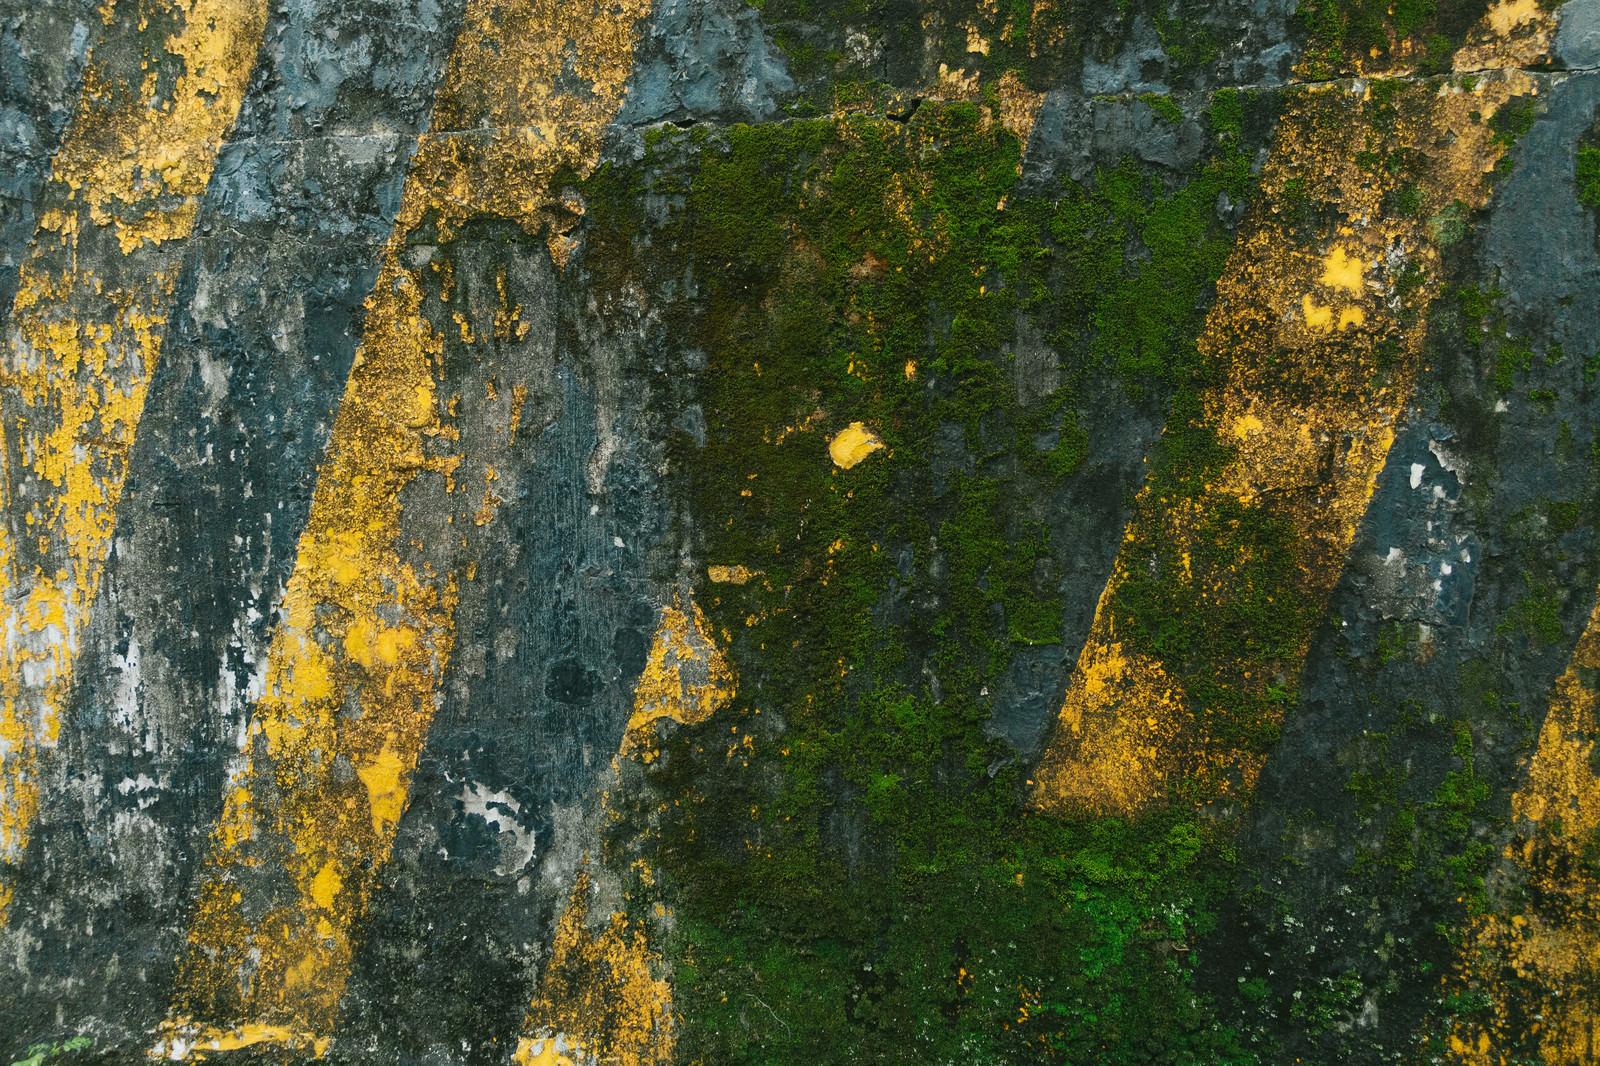 「ひどく汚れた黄色と黒の警告壁」の写真